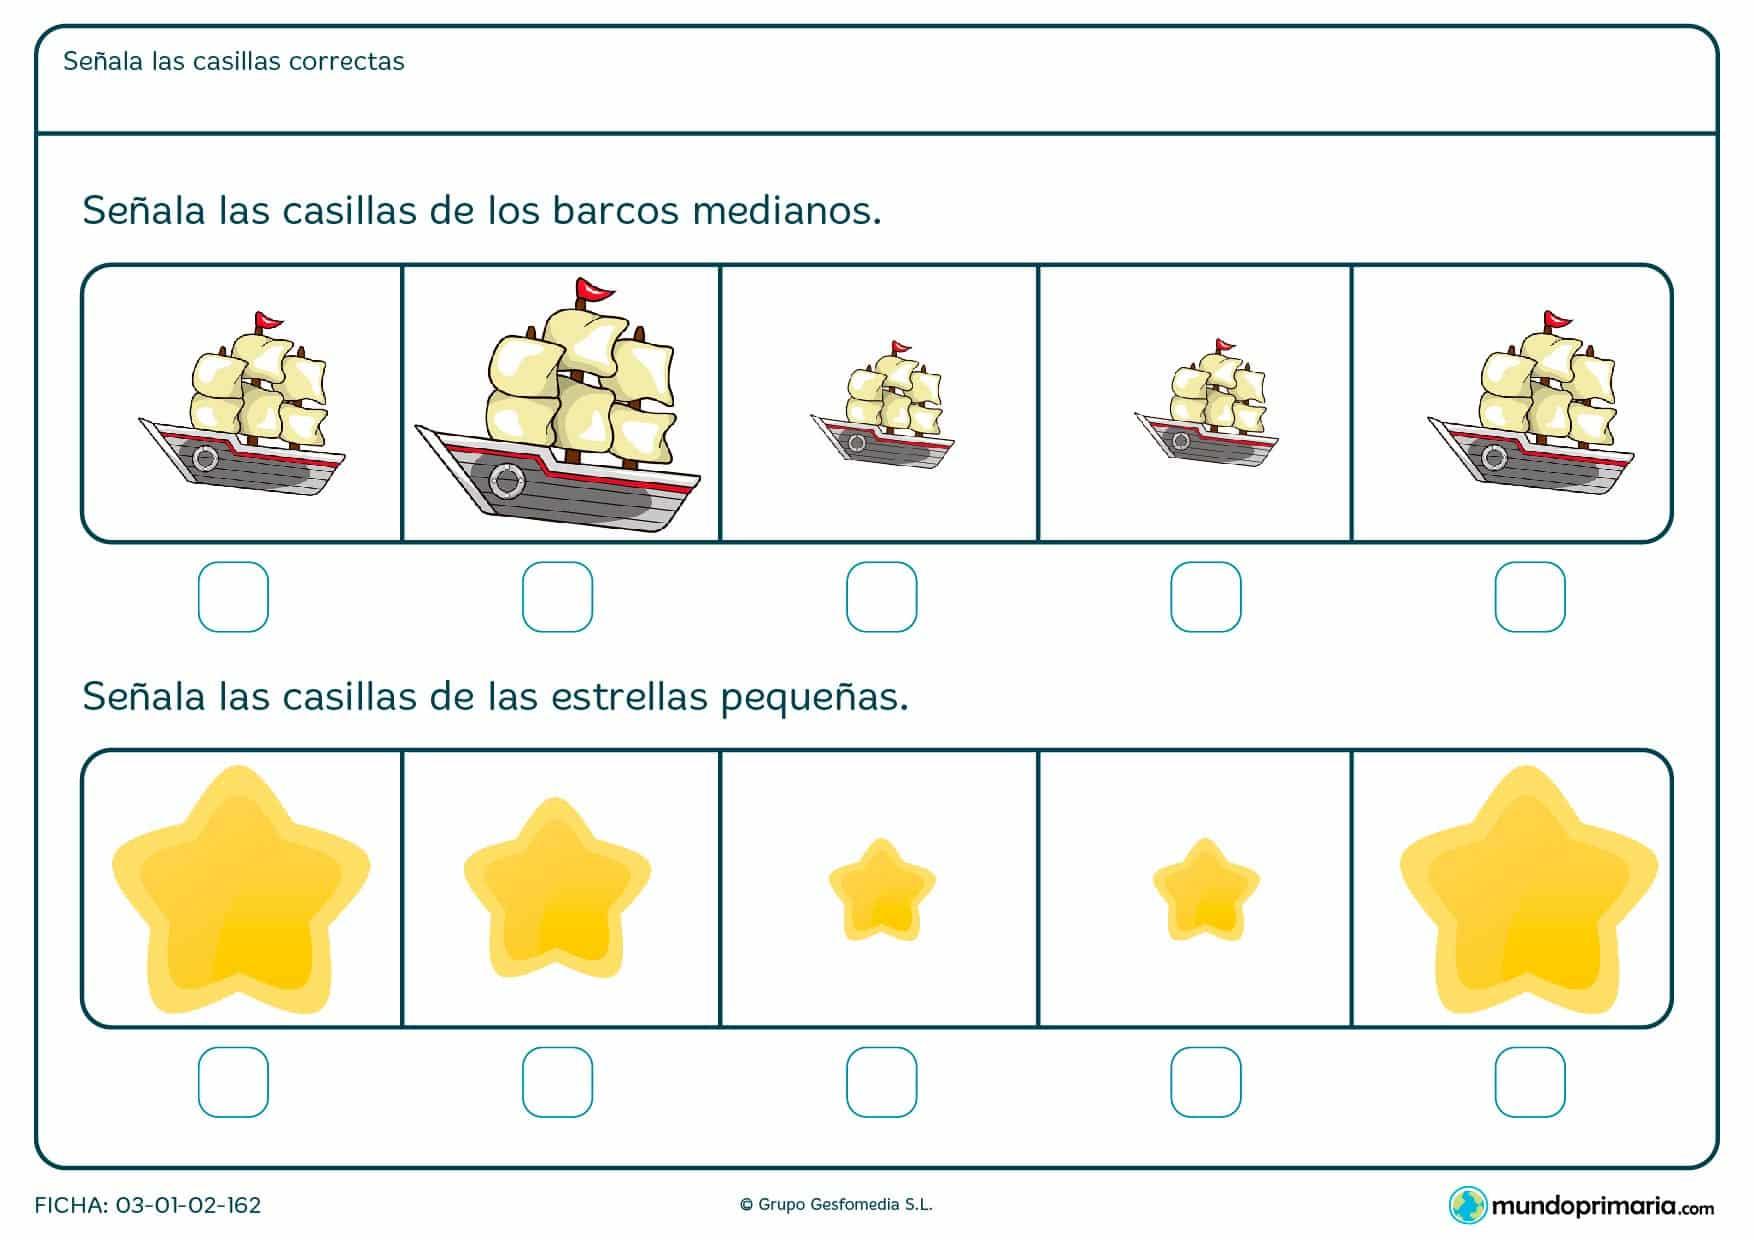 ¿Qué estrellas son más pequeñas? ¿Qué barcos son los medianos? Compara las imágenes y señala las respuestas.